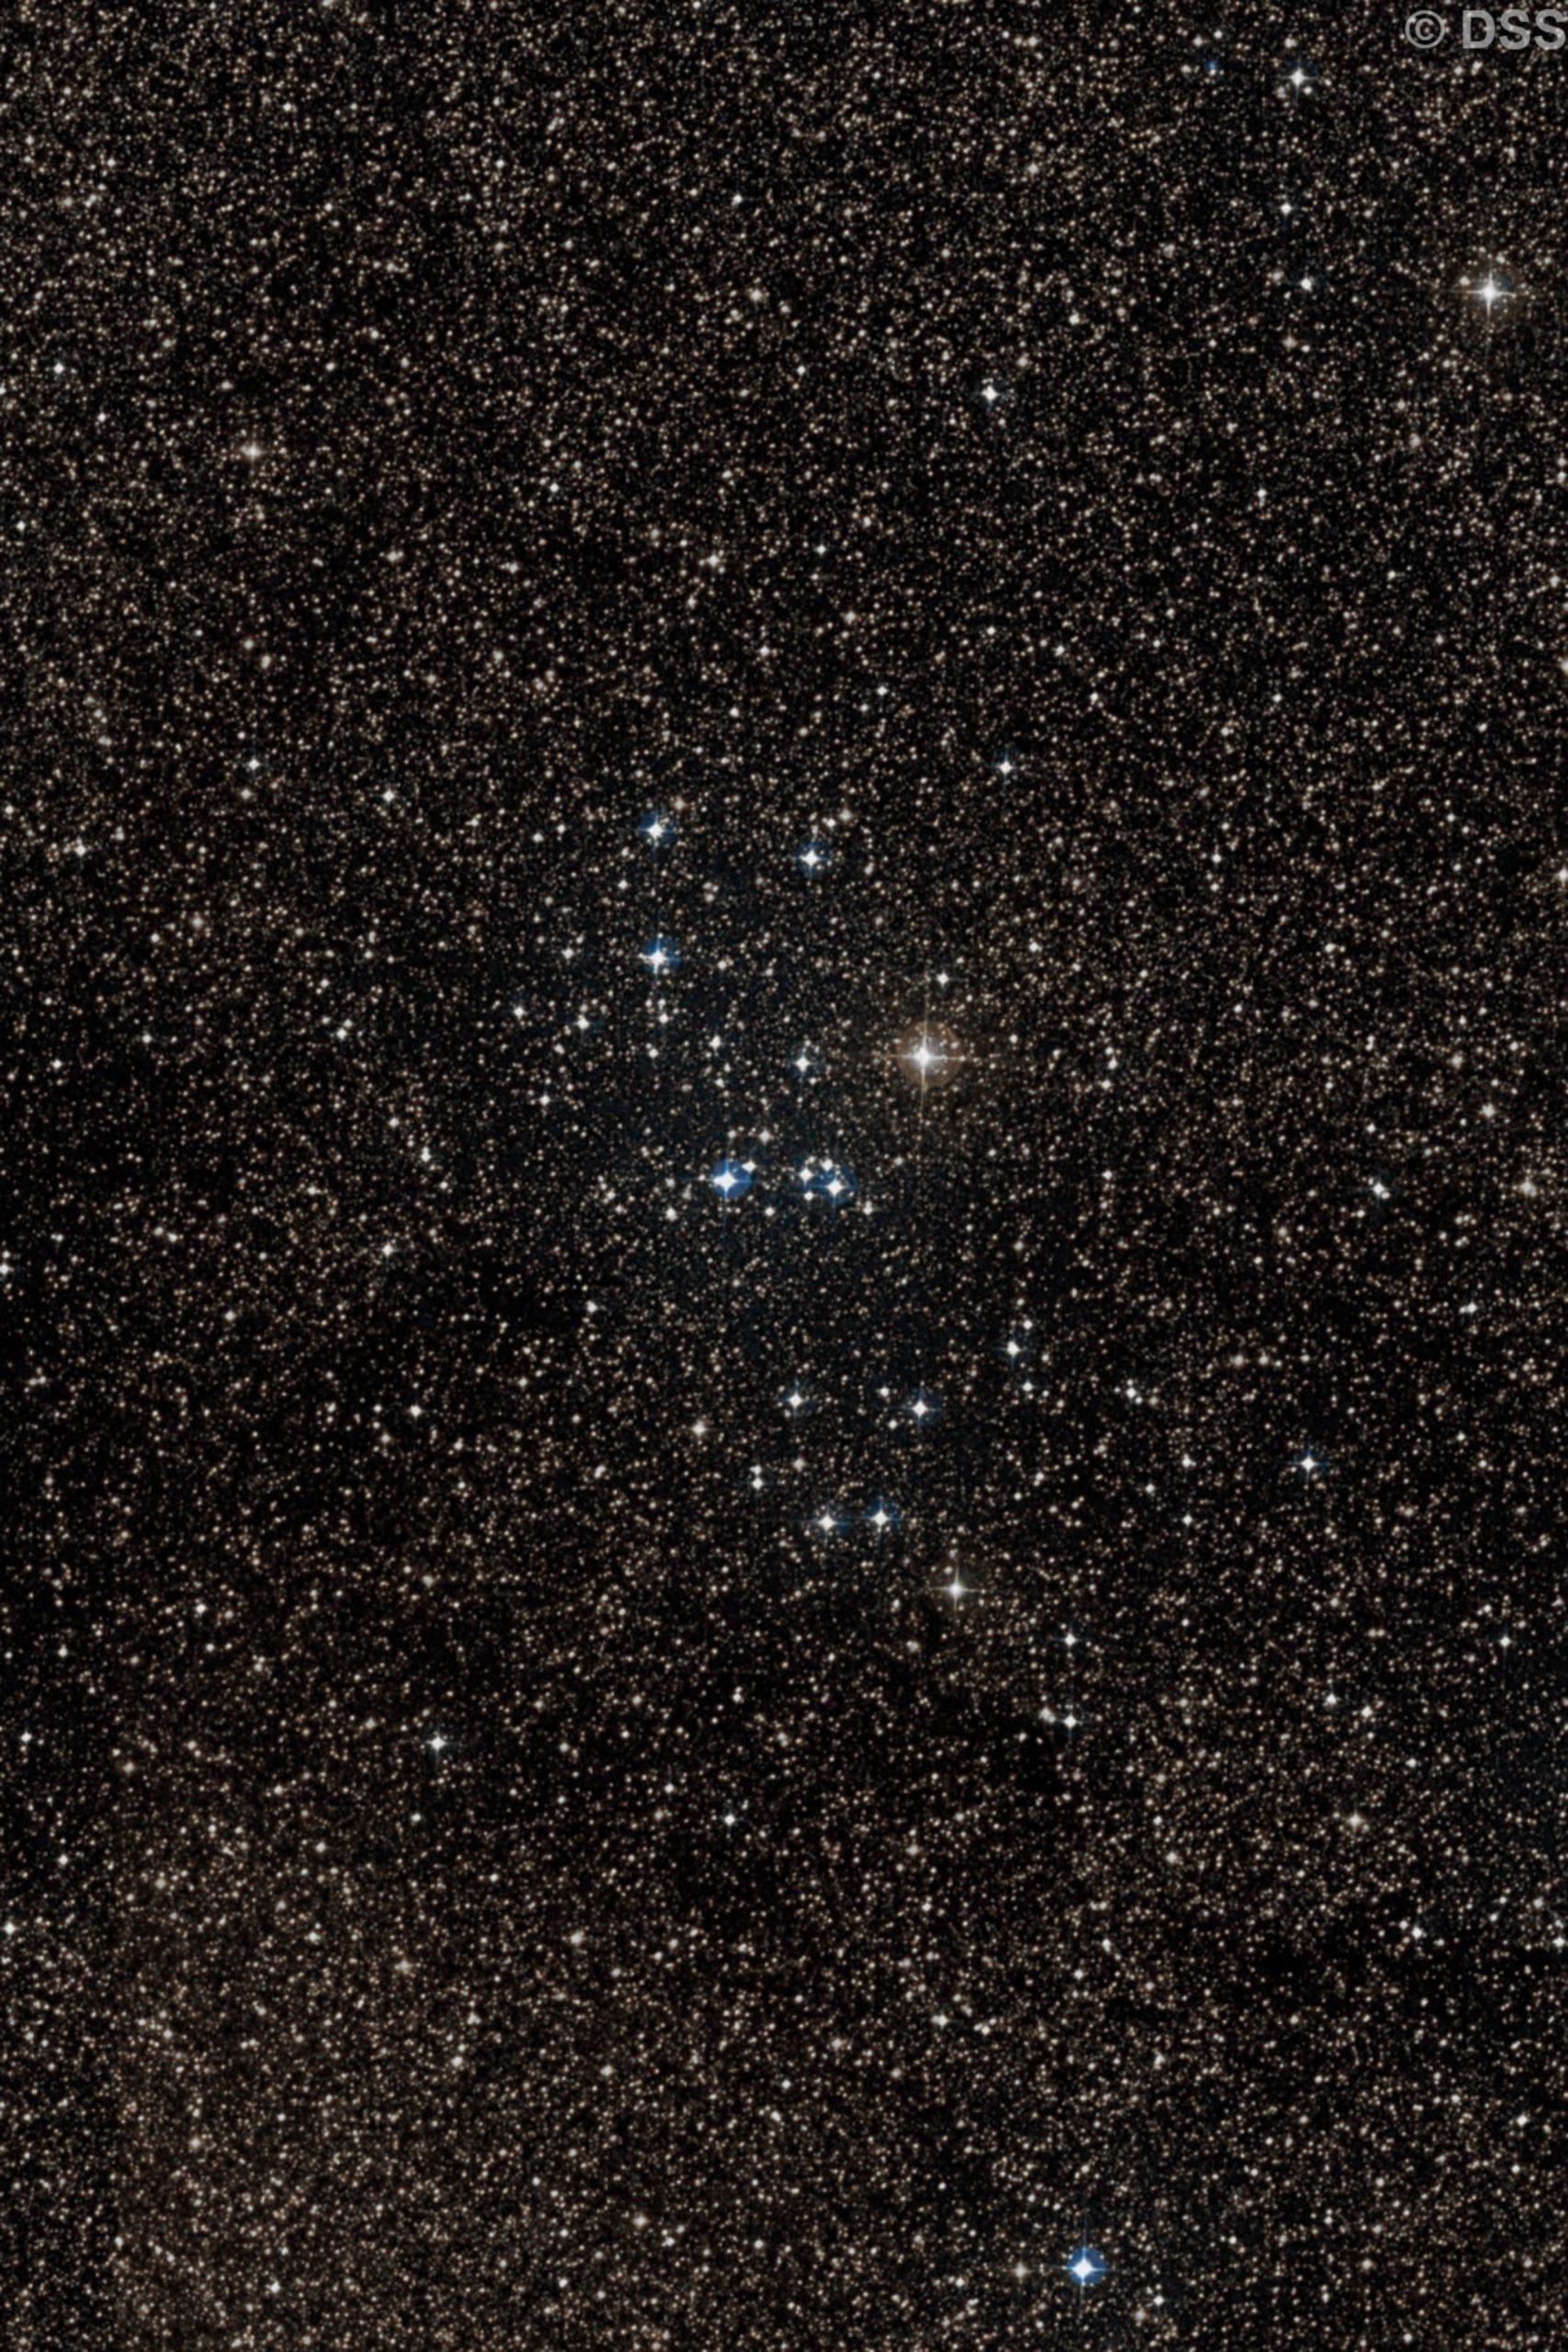 NGC 5662